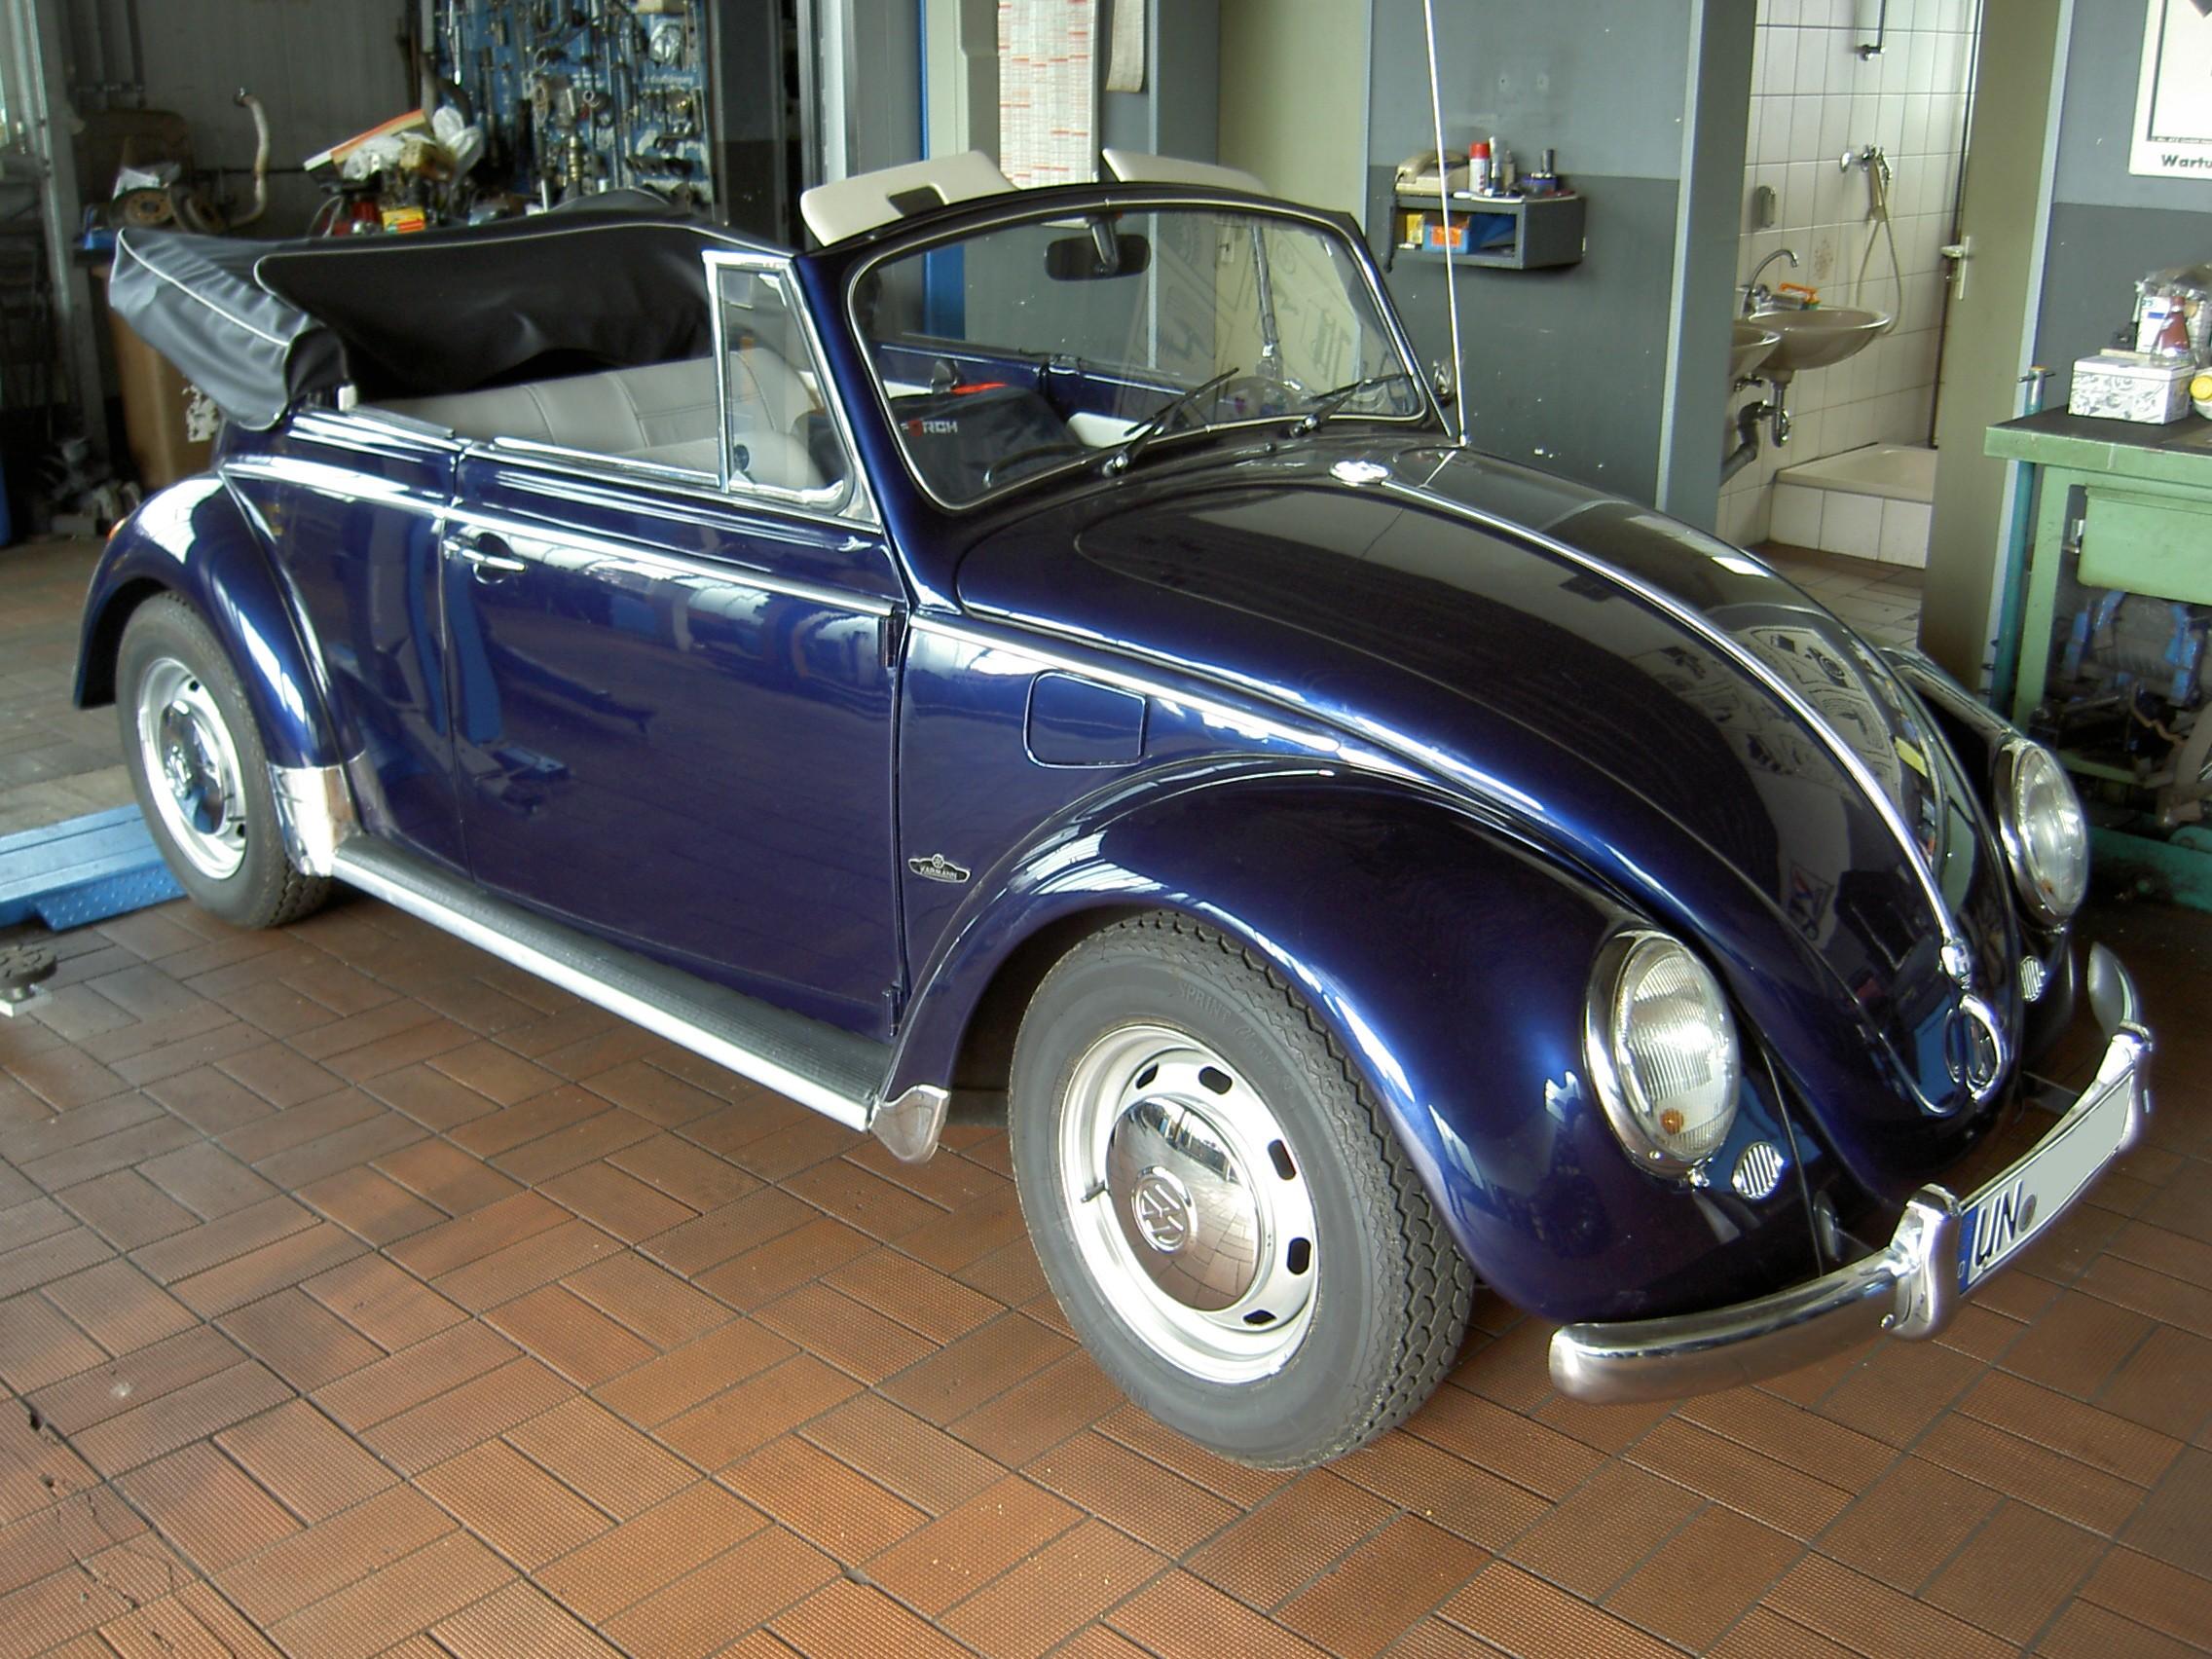 http://autoteile-anhaenger-undmehr.beepworld.de/files/x-kfercabrio.jpg?nocache=0.9963674538921378